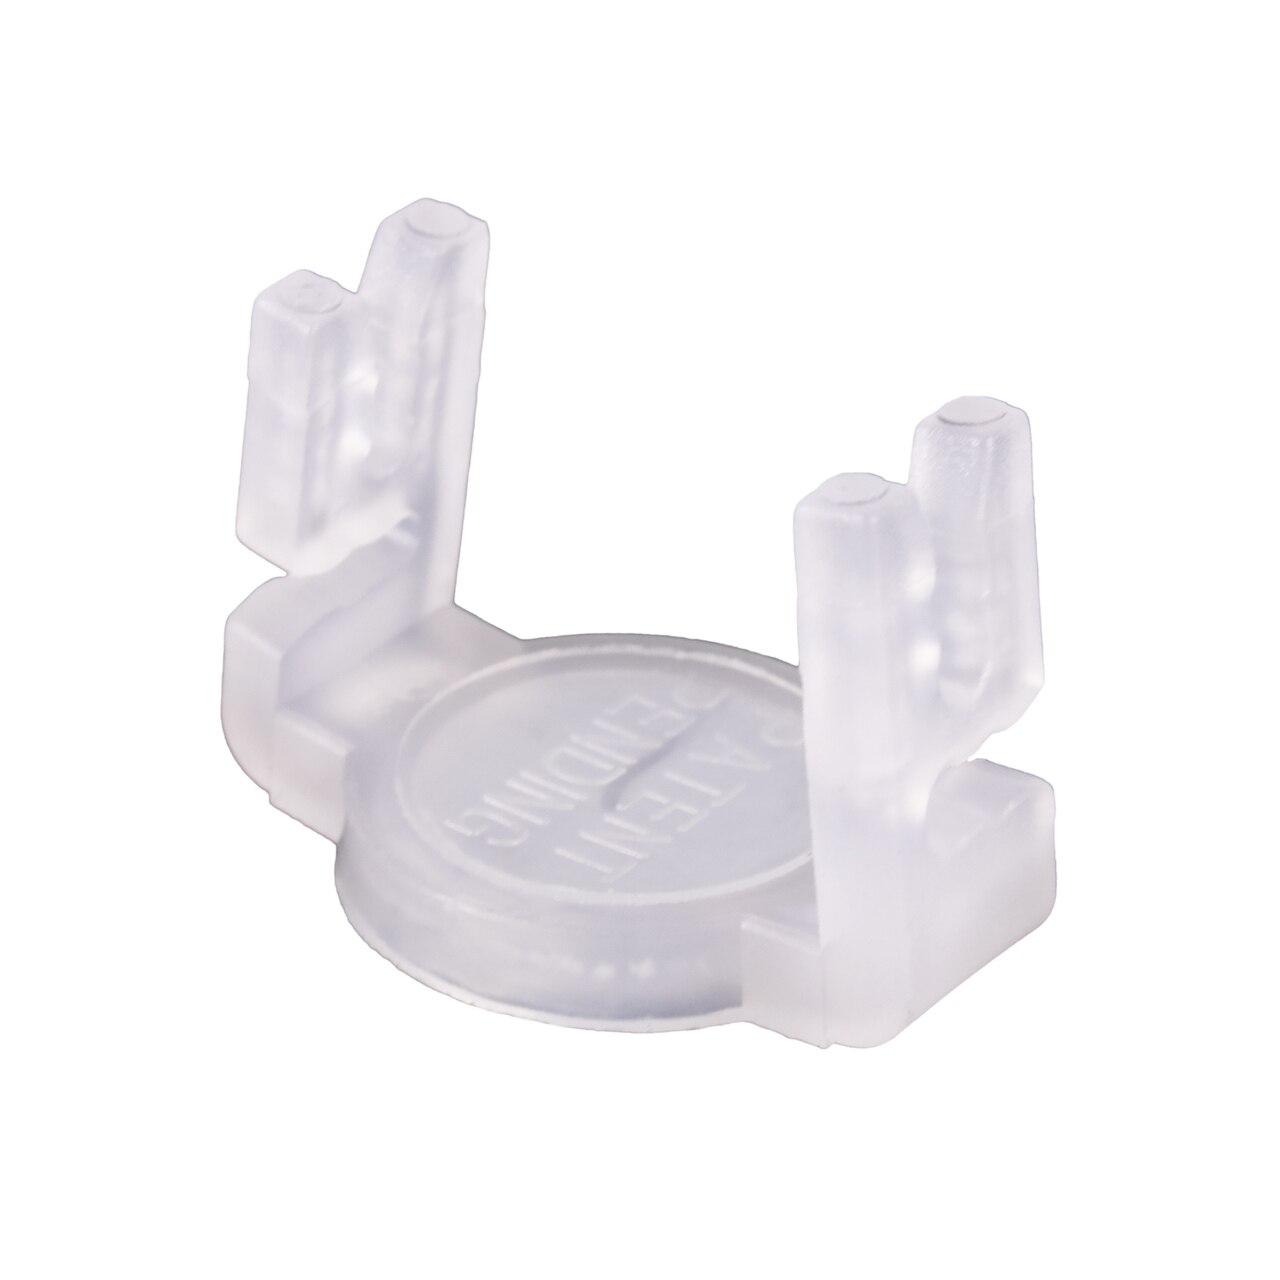 C9 Magnetic Socket Clip